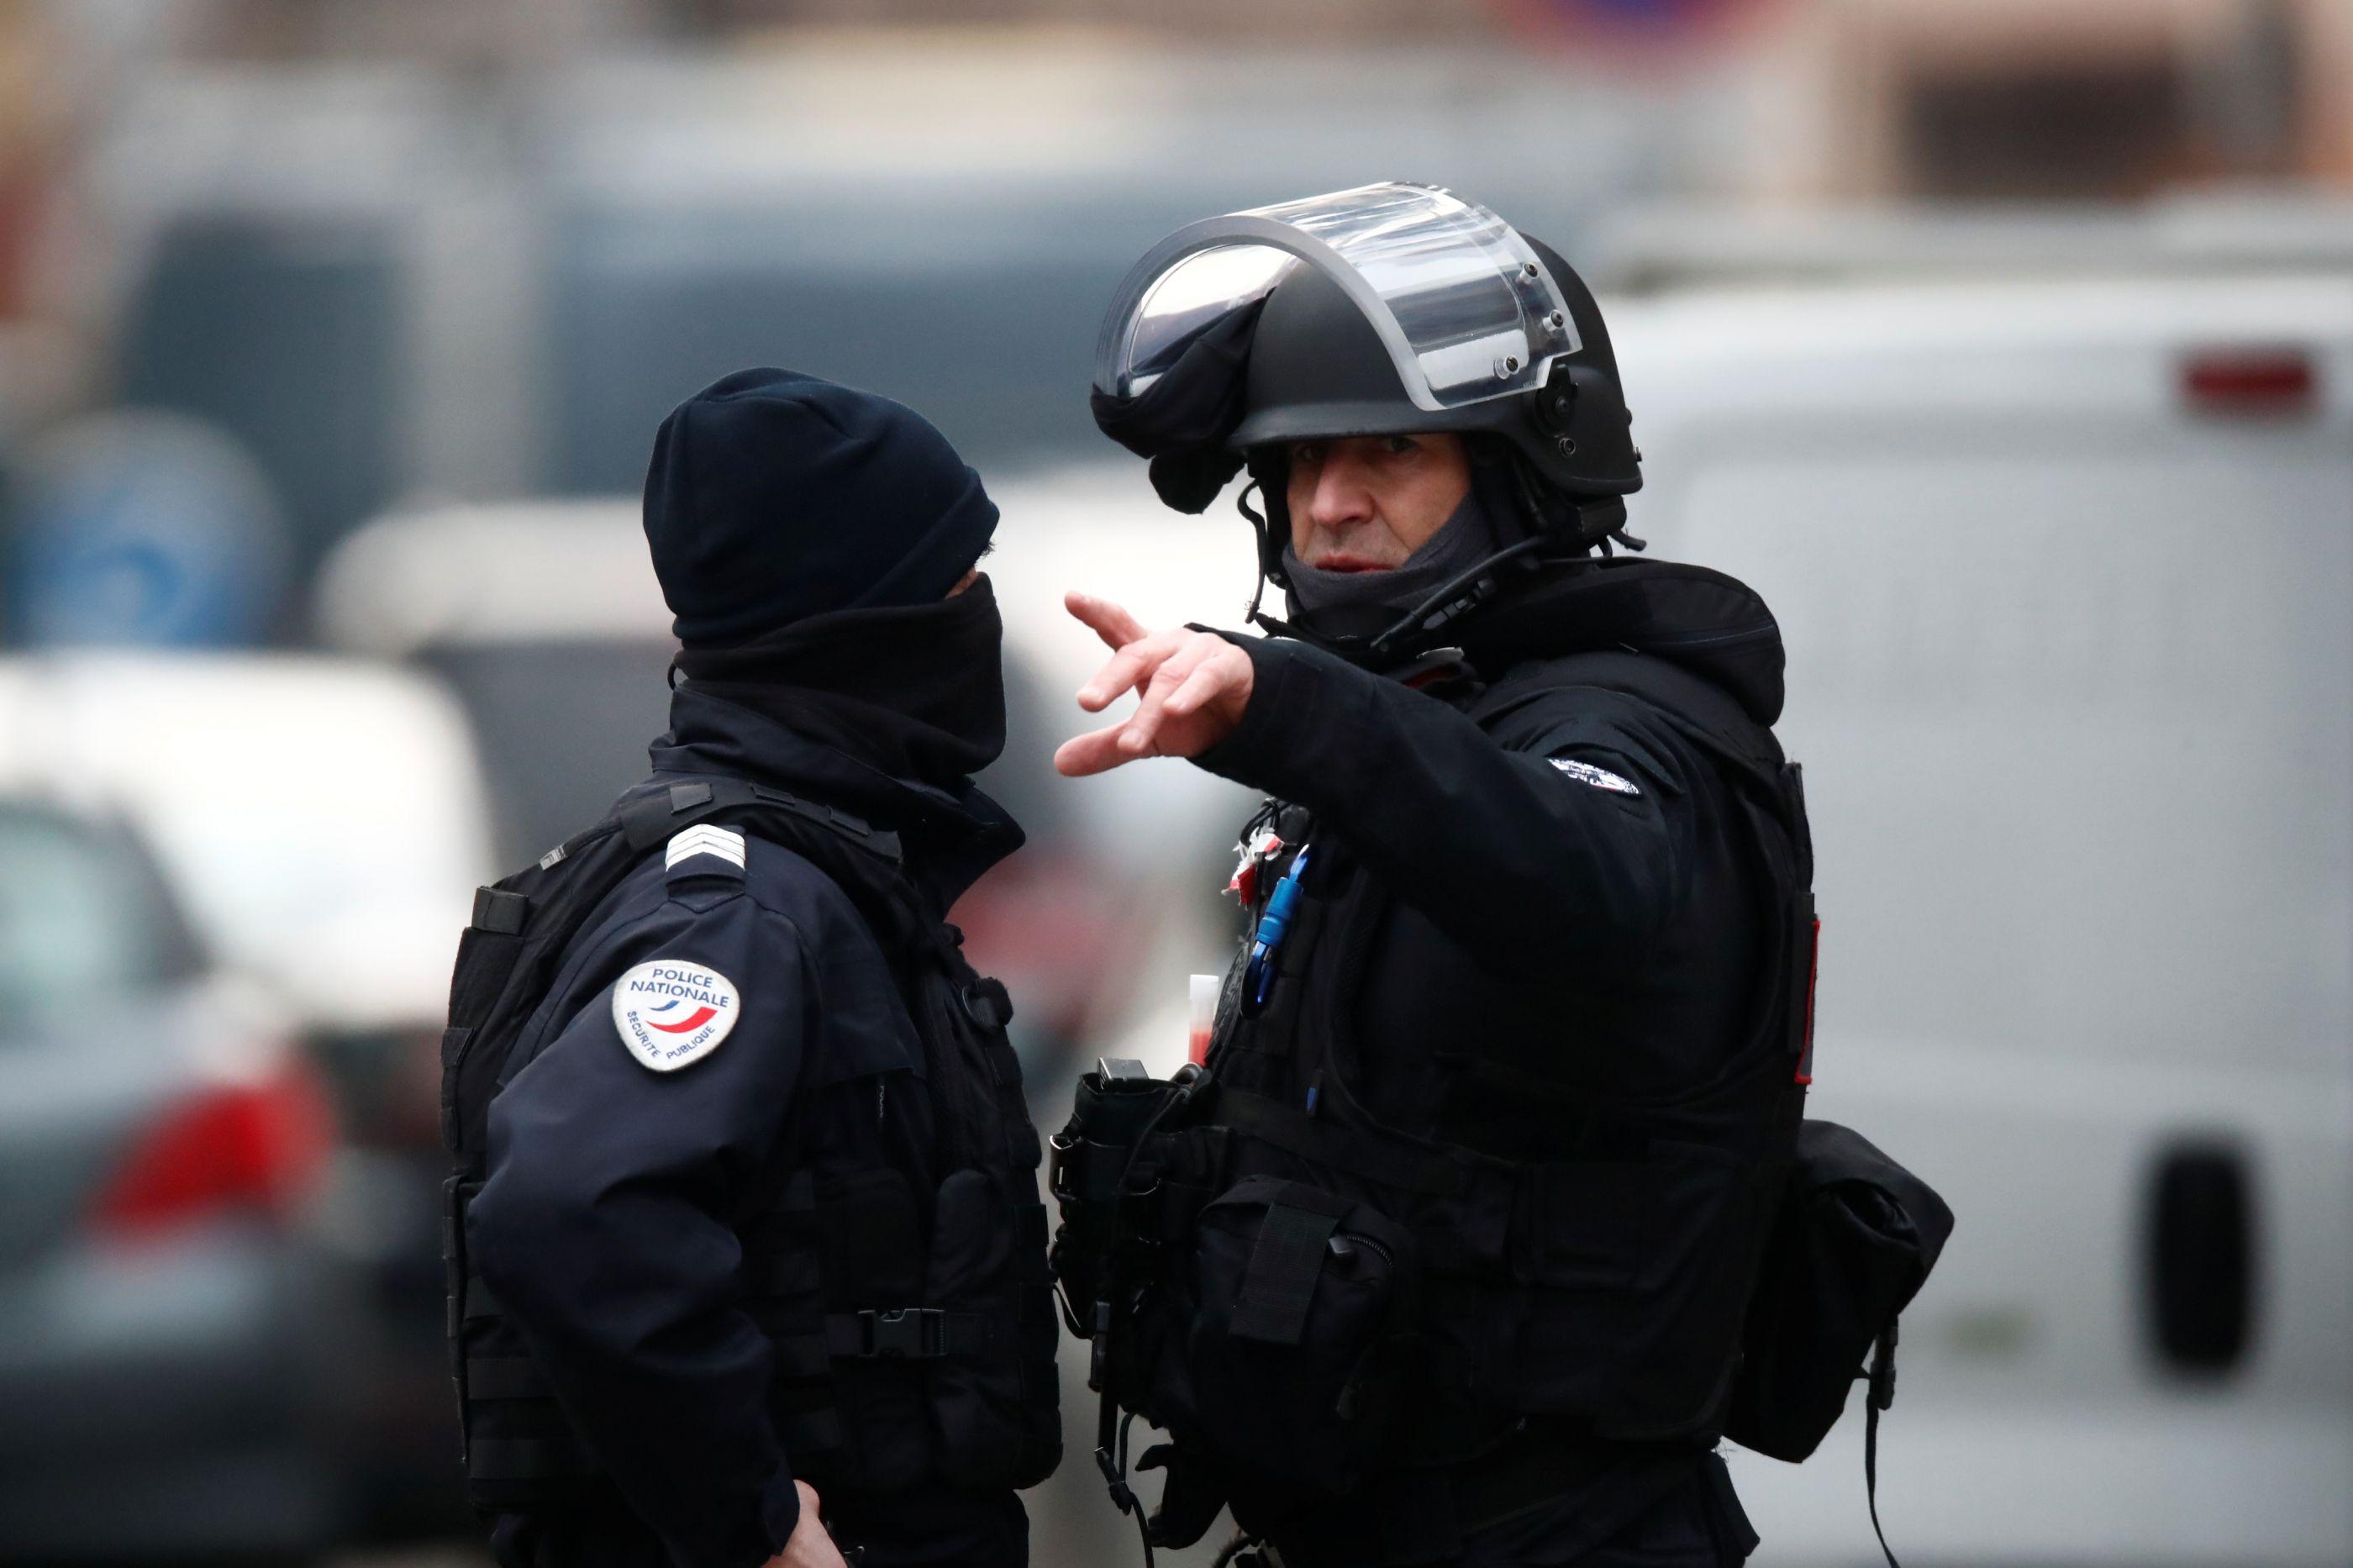 Megaoperação policial em bairro de Estrasburgo para apanhar suspeito